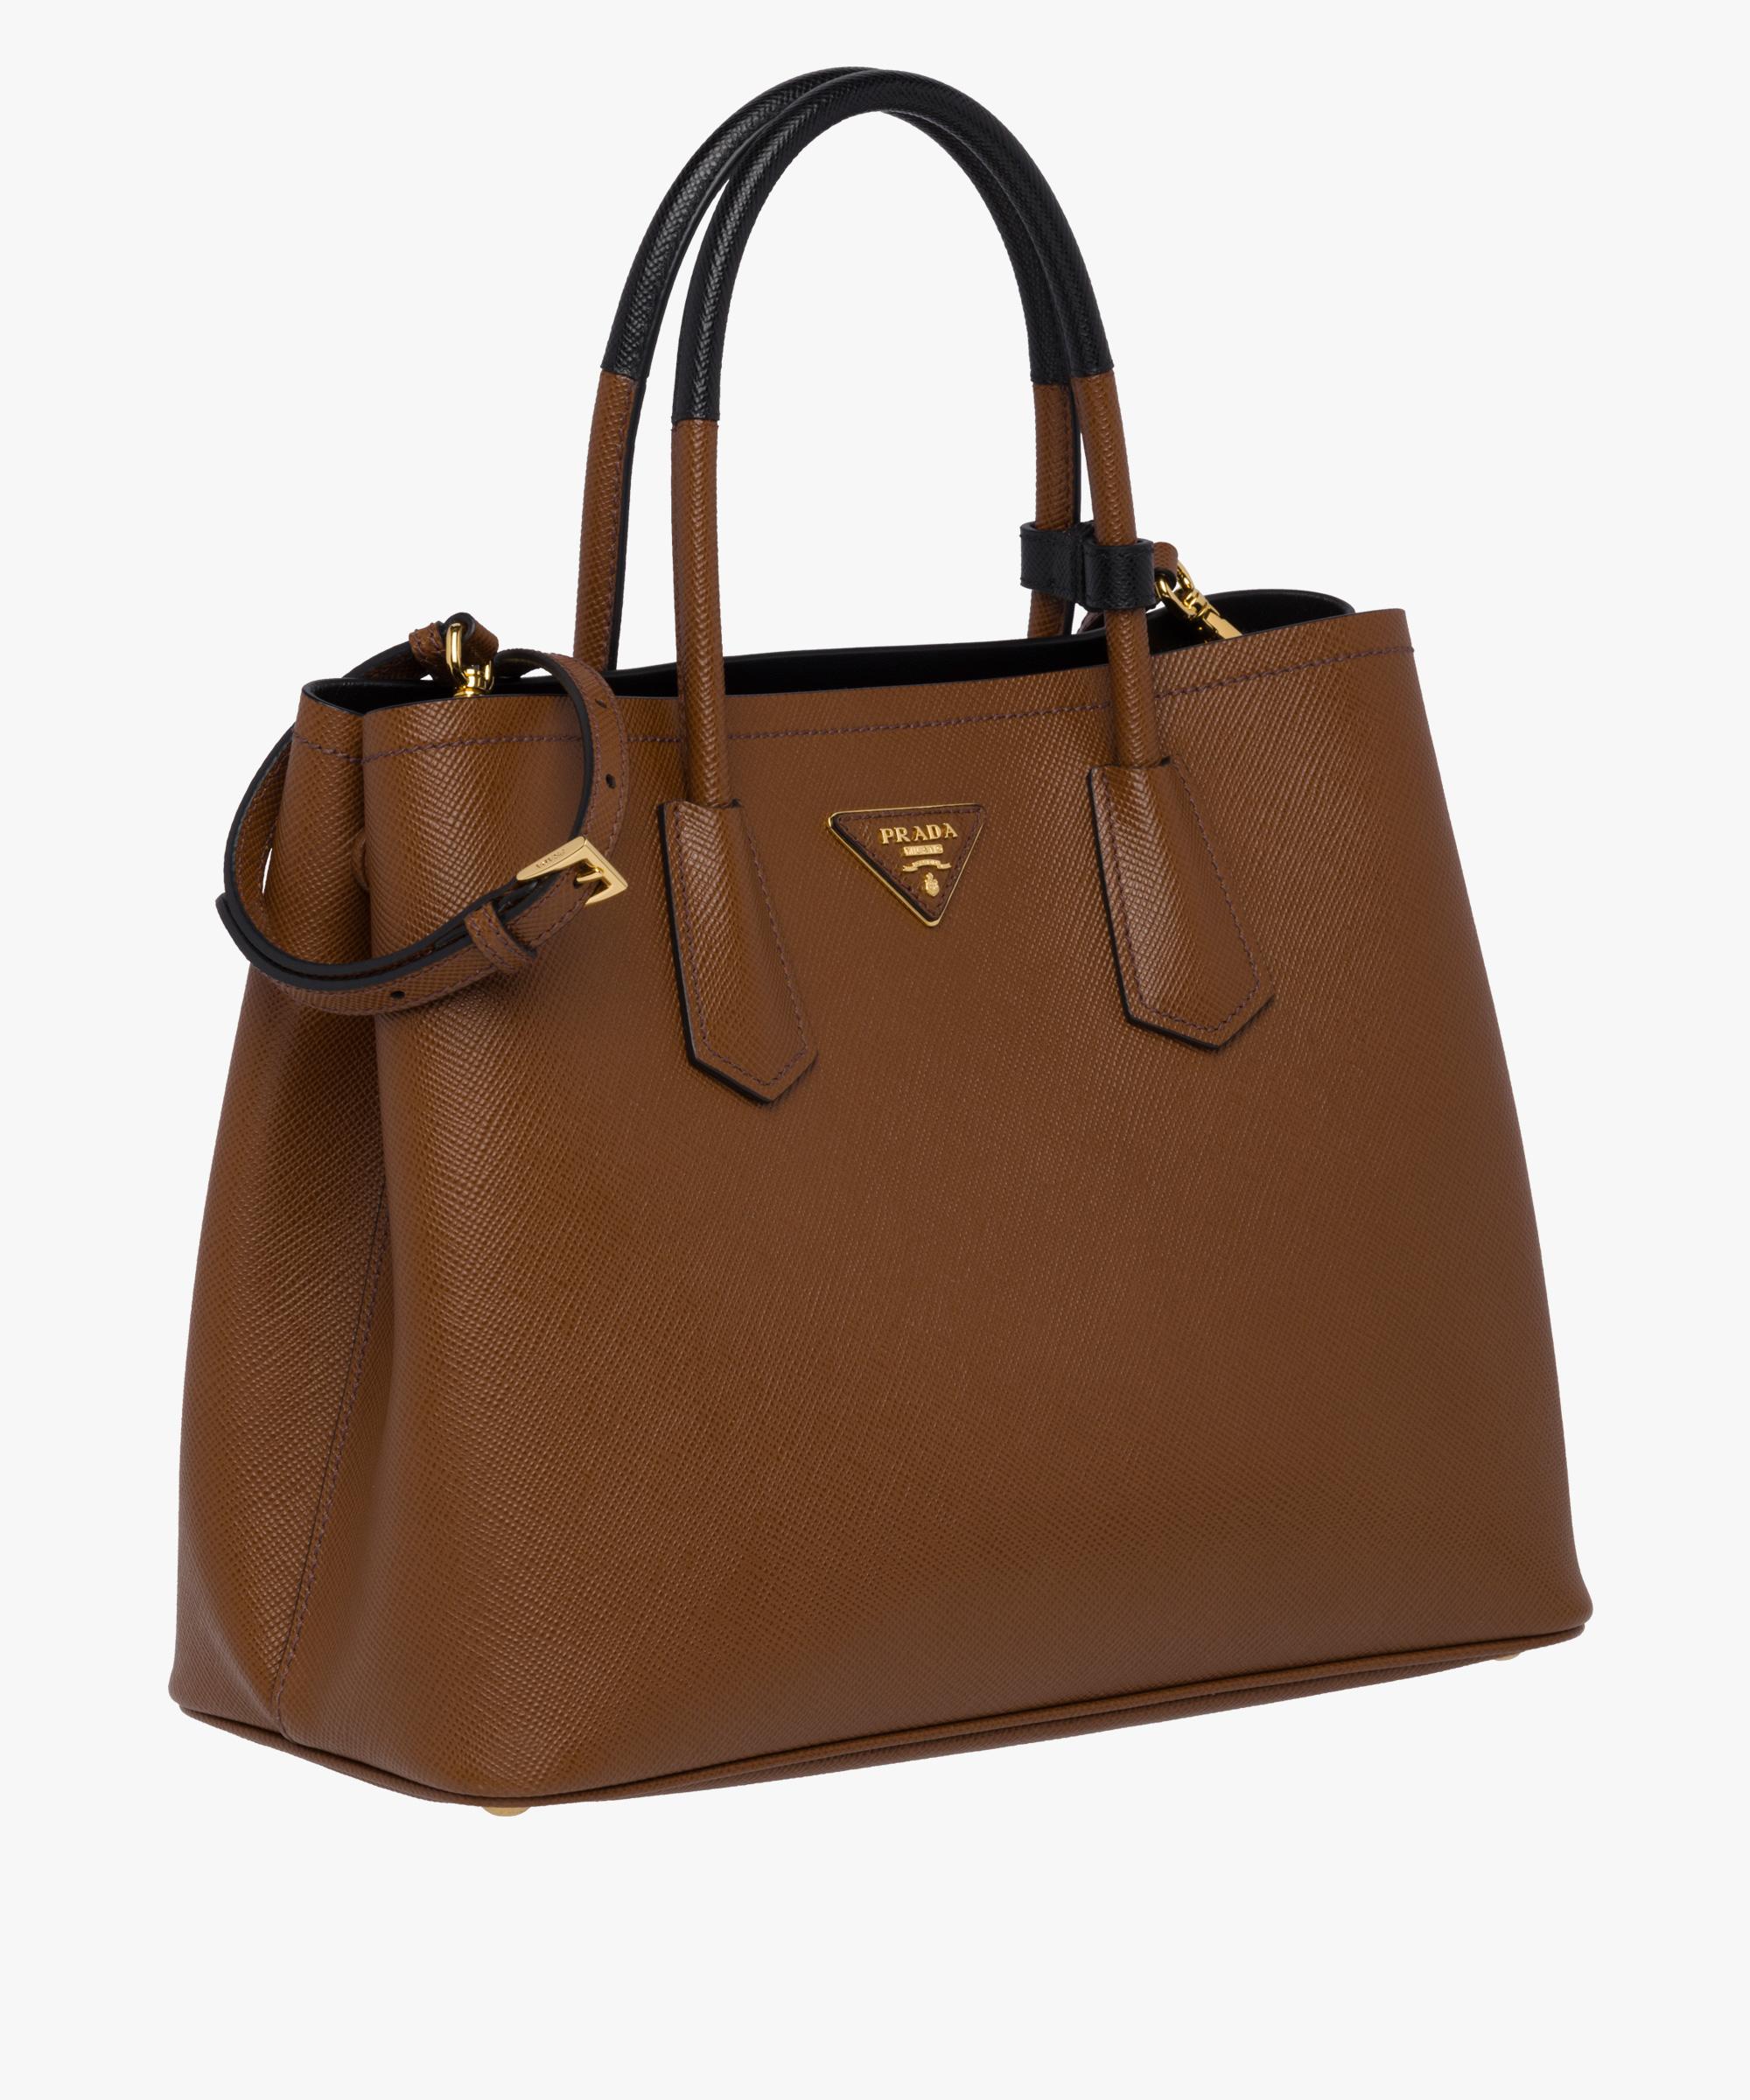 961a4a569ac5 ... Prada Double Medium Bag Prada PALISANDER BLACK ...